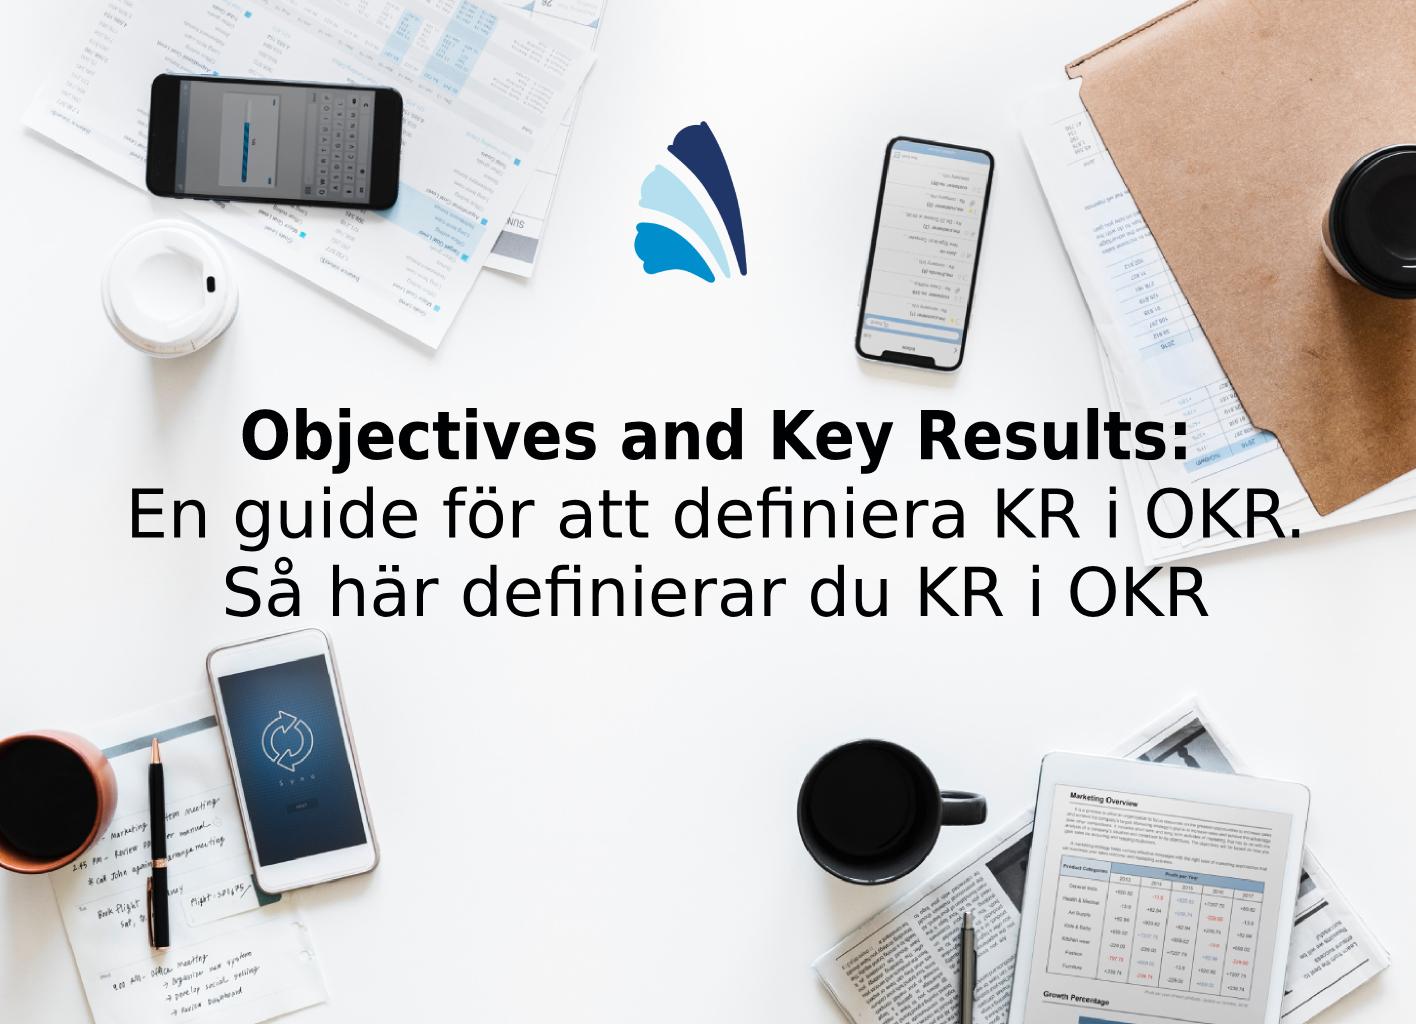 Objectives and Key Results: En guide för att definiera KR i OKR